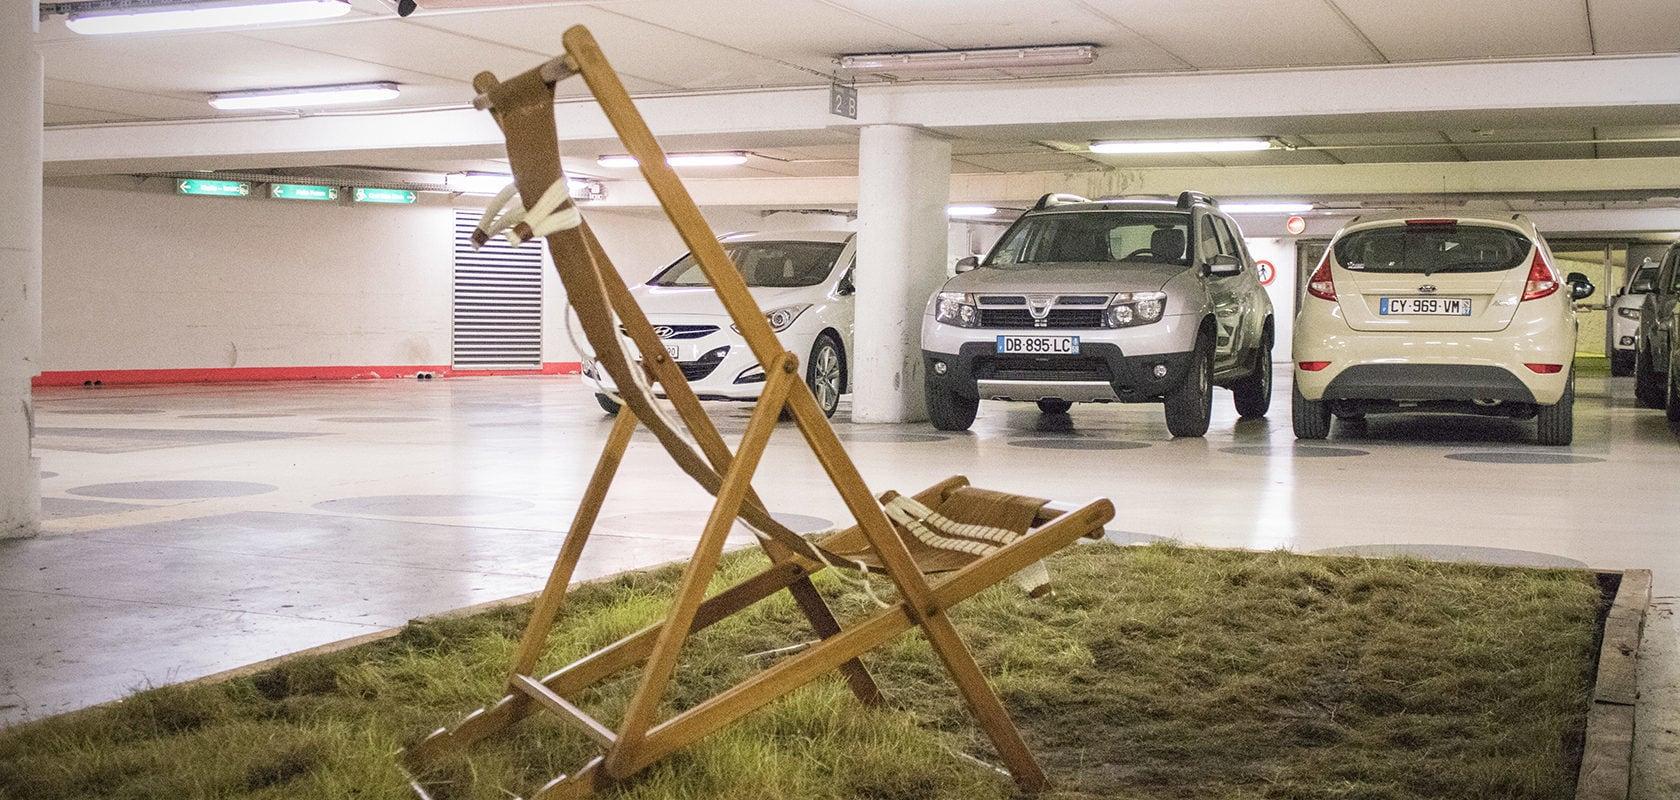 Au parking de la Petite-France, entre deux voitures, tout à coup une oeuvre d'art